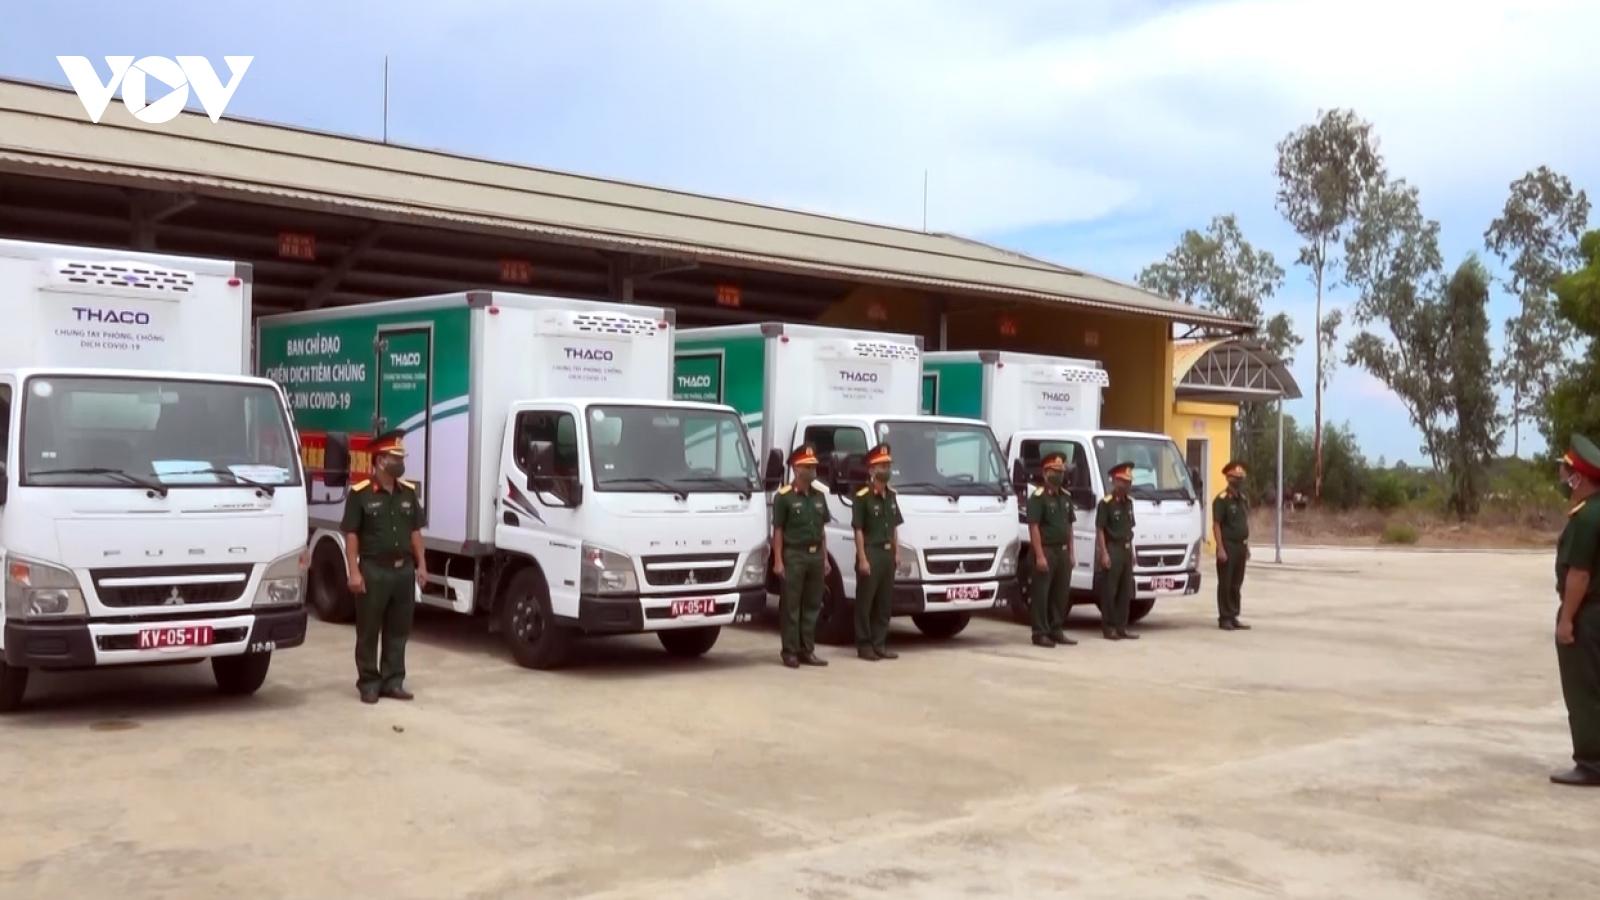 Quân khu 5 vận chuyển vaccine đến các tỉnh miền Trung - Tây Nguyên